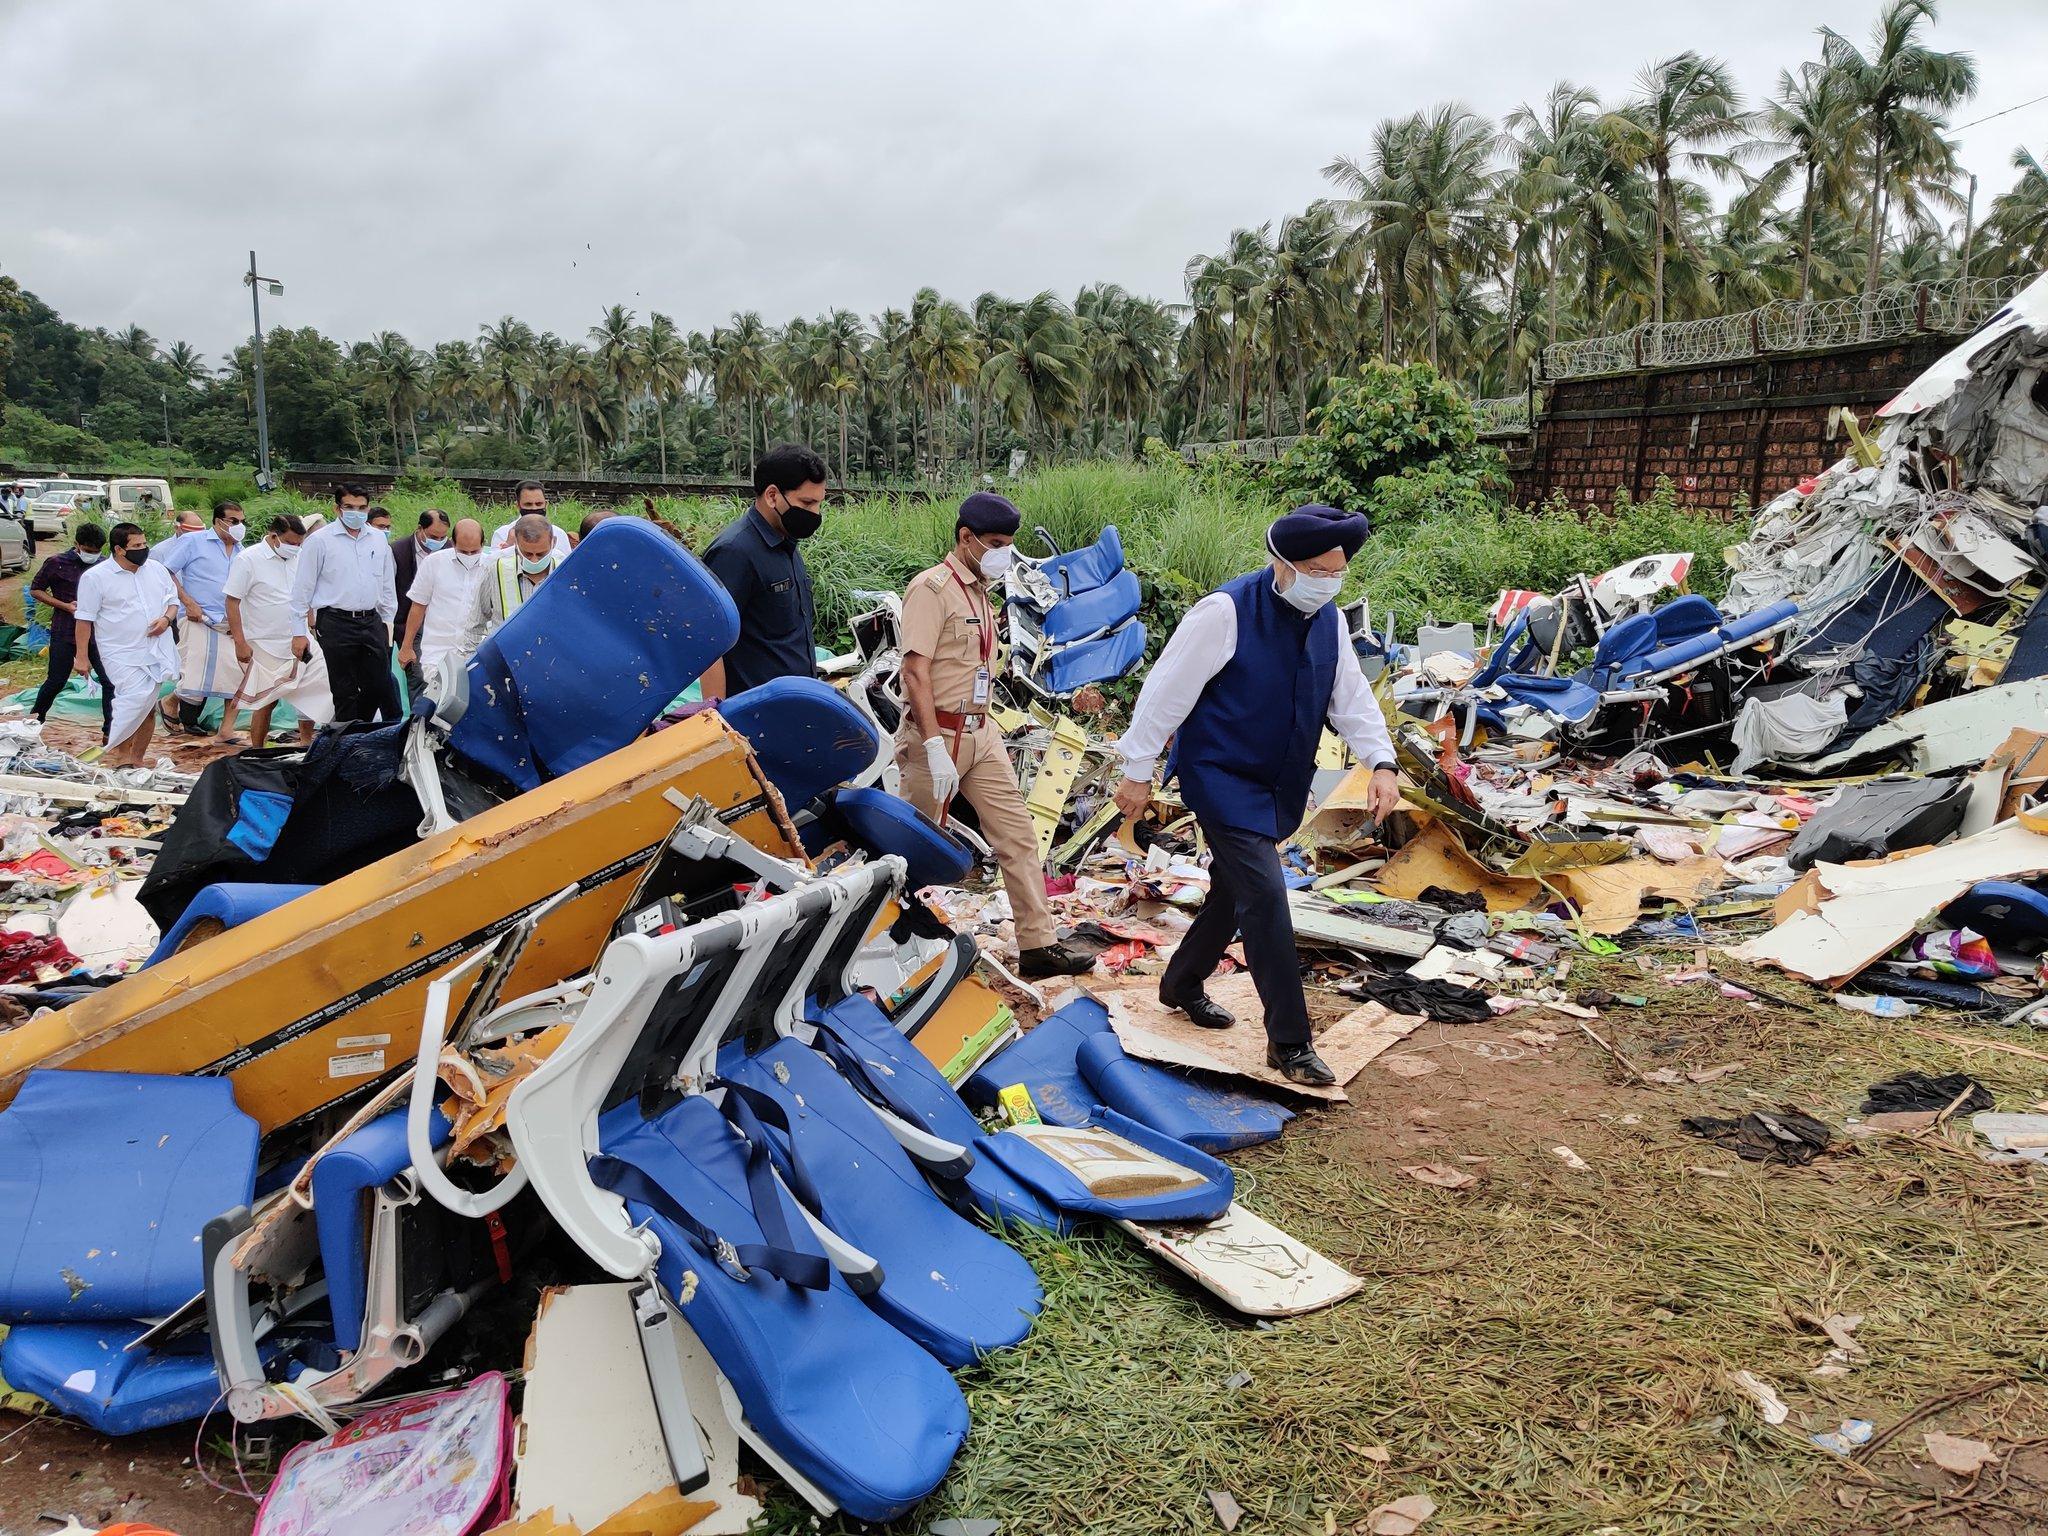 Авиакомпания выплатит родственникам погибших при крушении самолёта в Индии по $13,3 тысячи